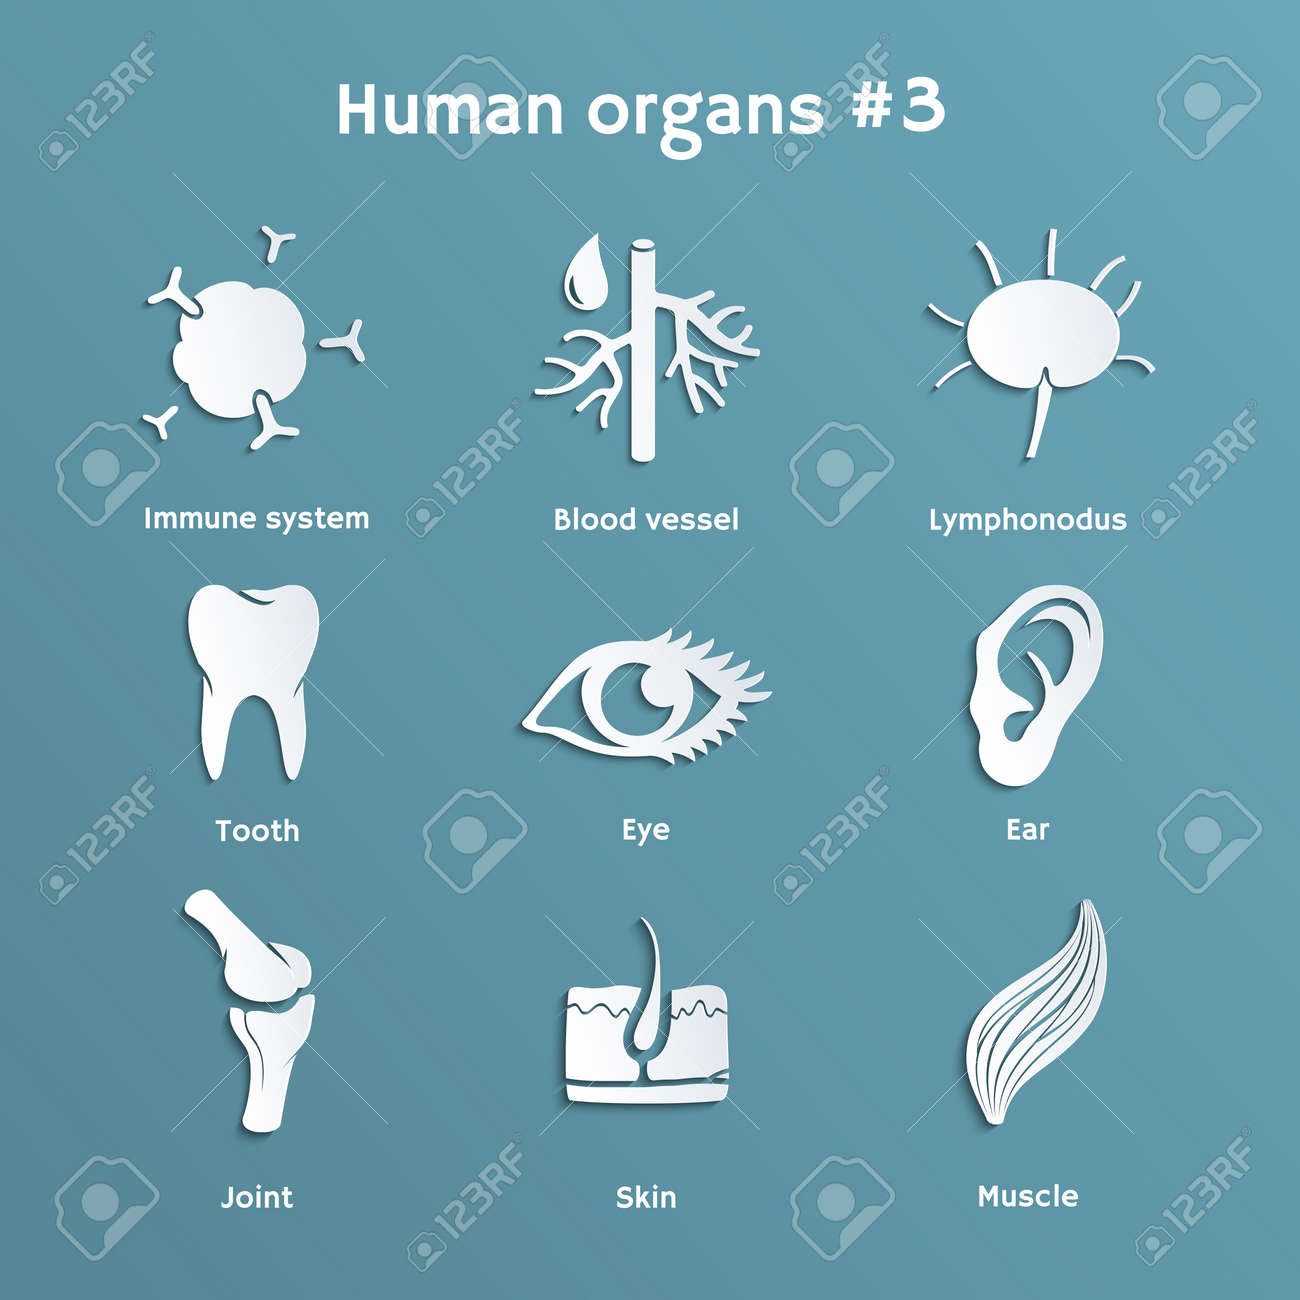 Vektor-Papier-Ikonen Der Organe Und Systeme Des Menschlichen Körpers ...